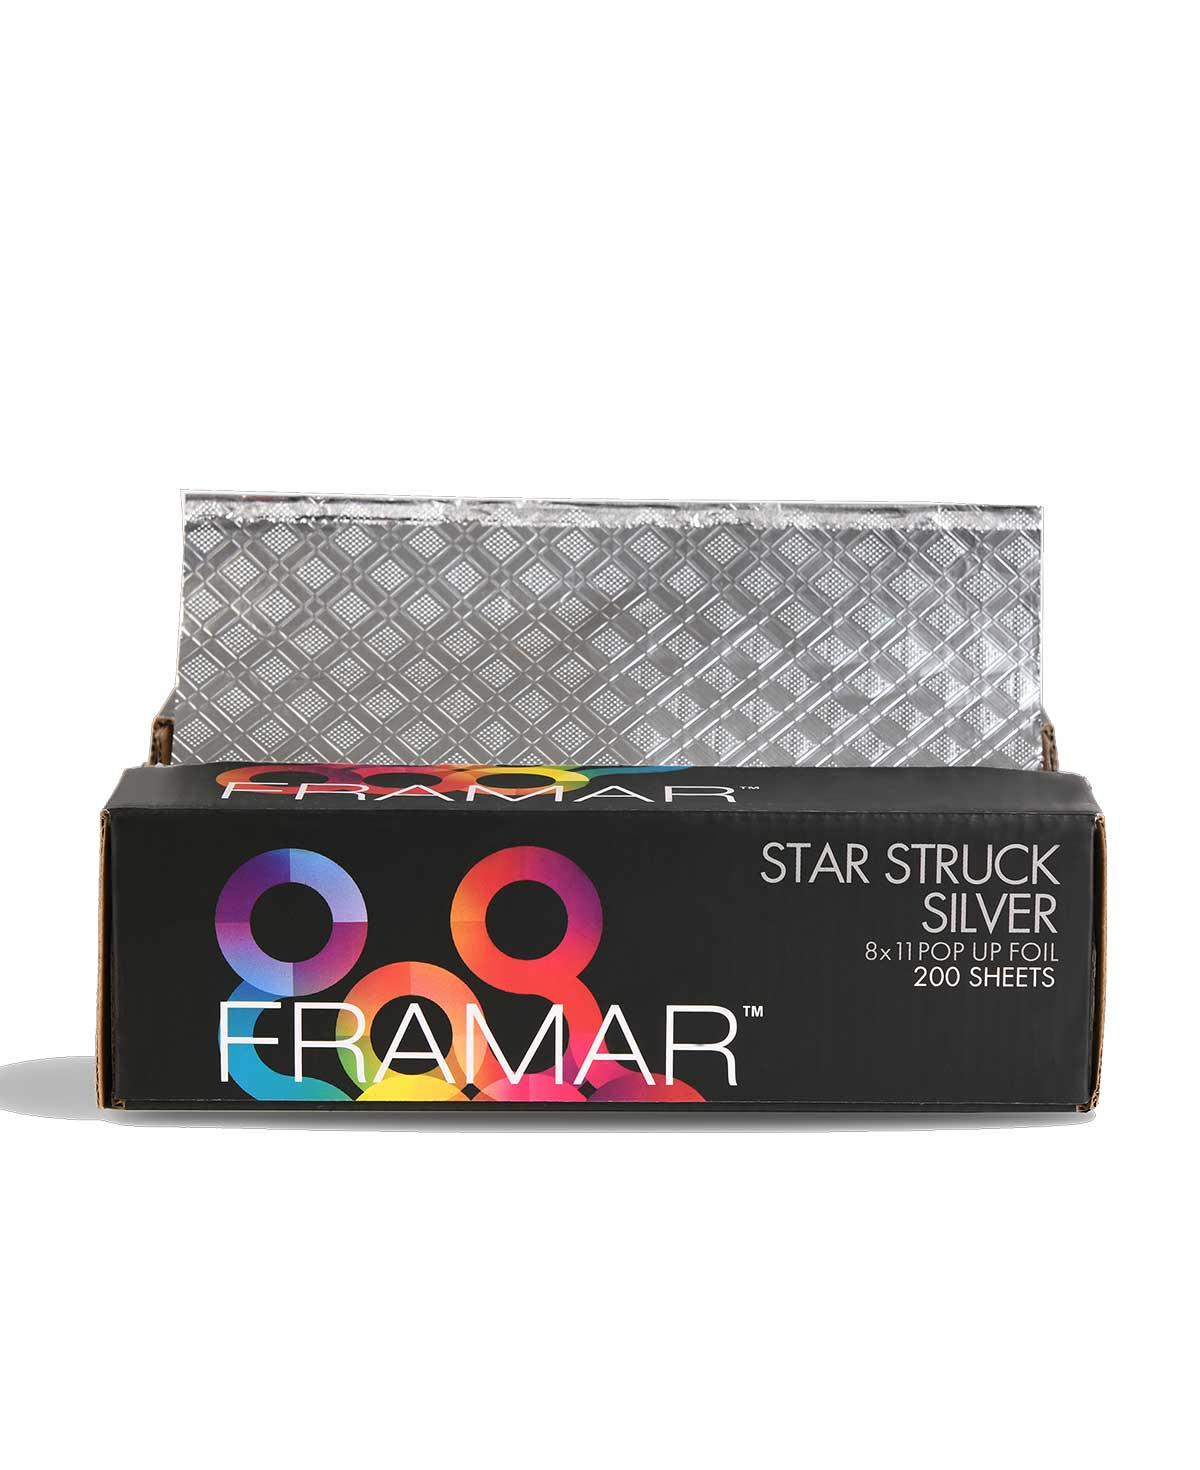 Framar 8x11 Star Struck Foil - 200 Sheets